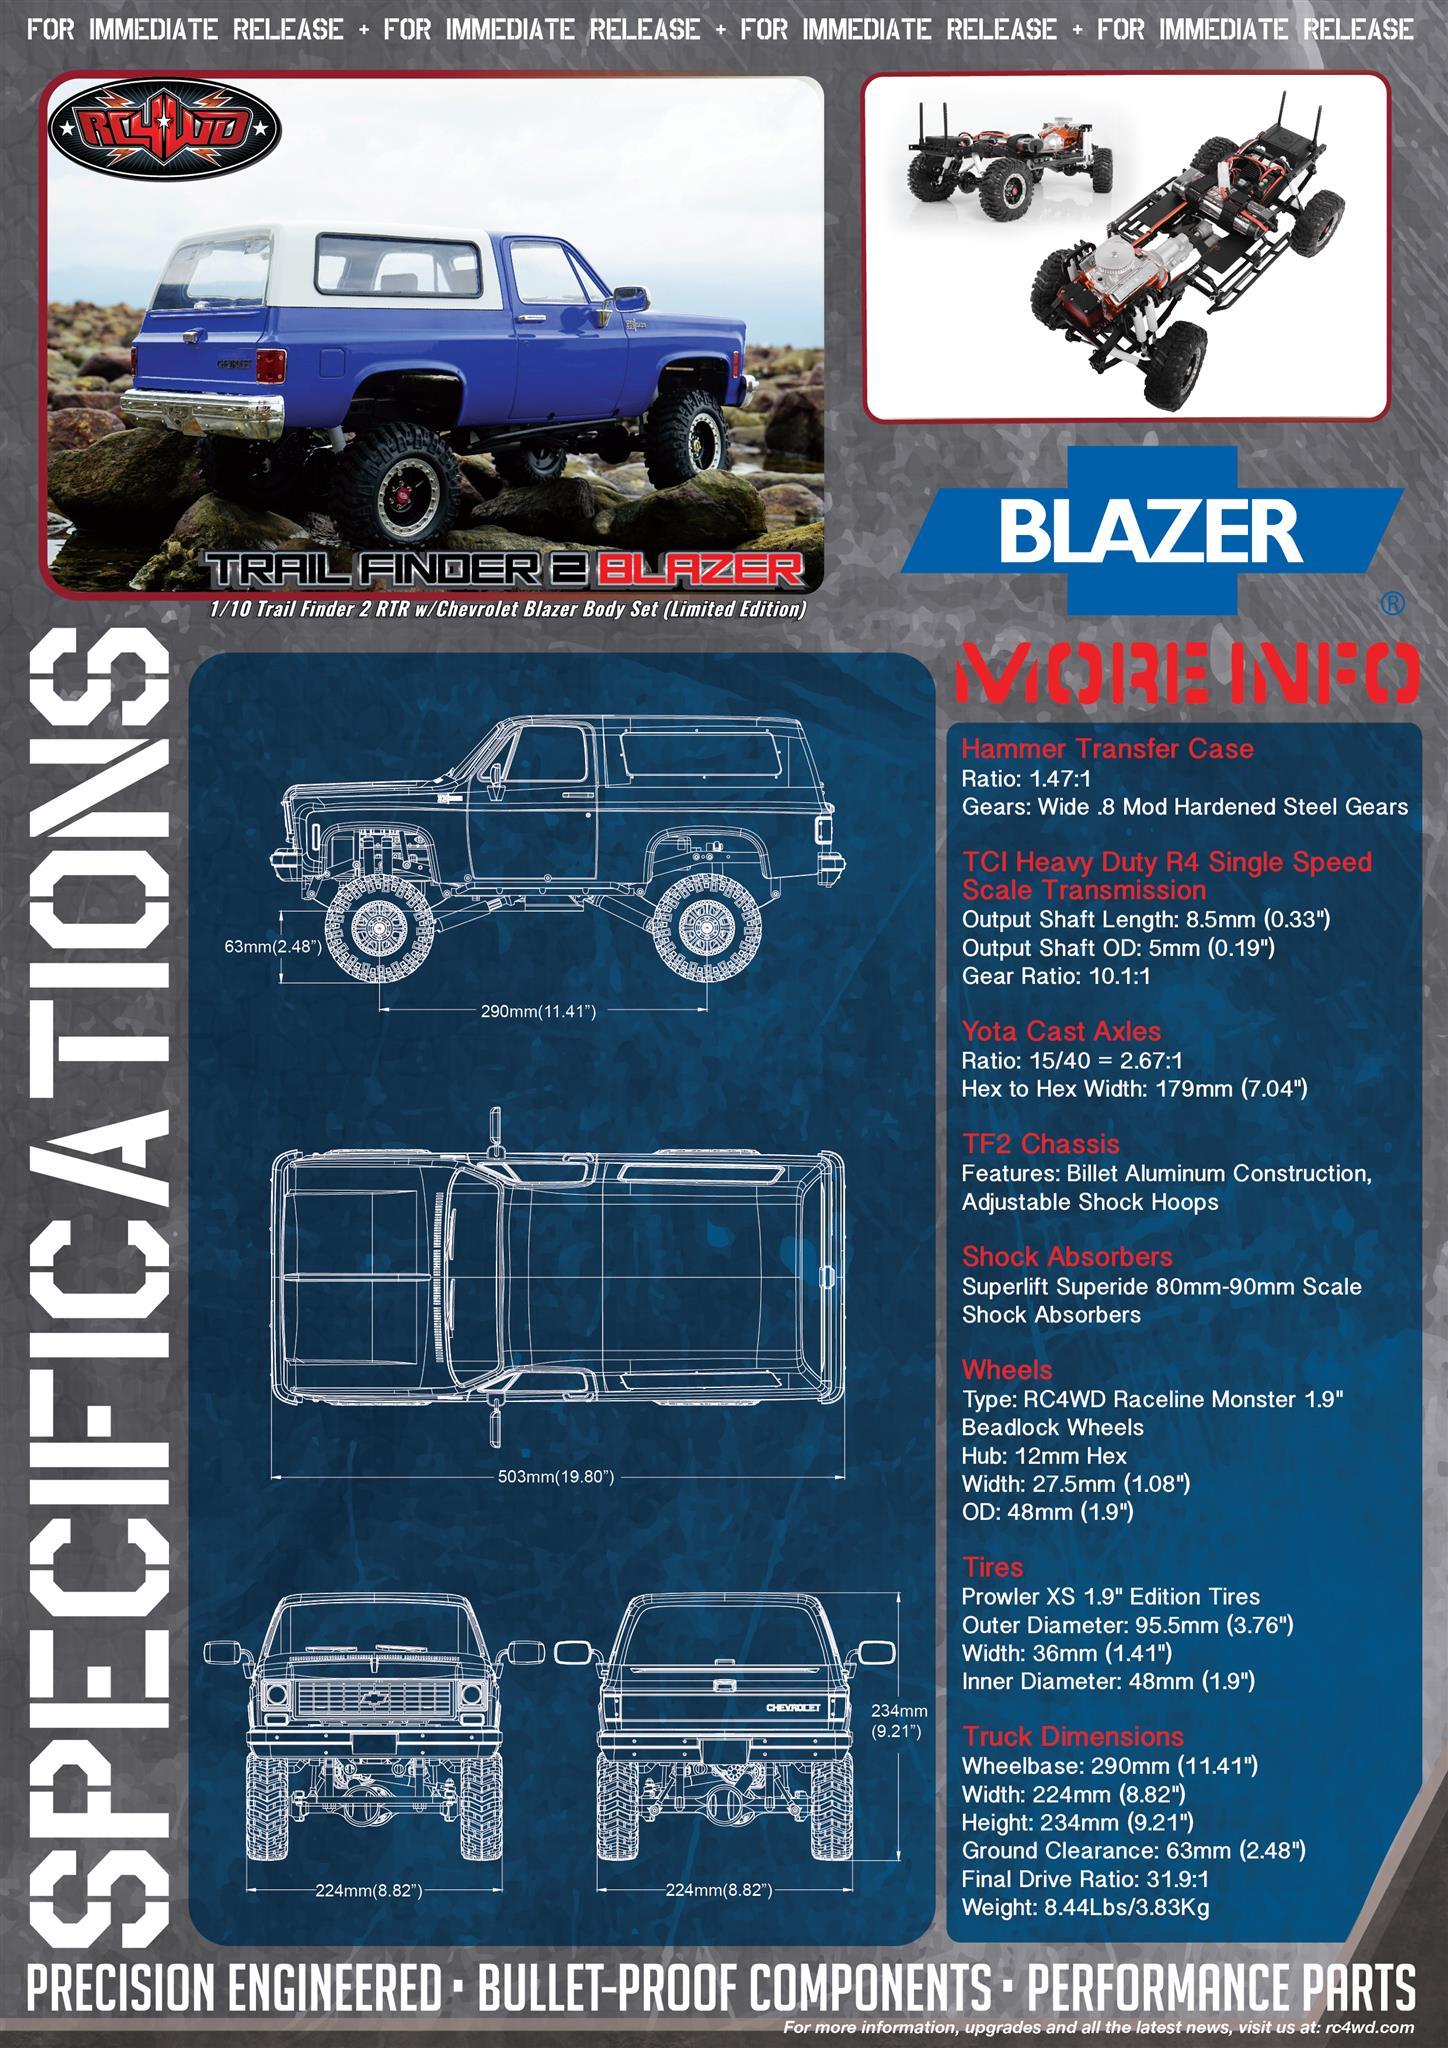 RC4WD Trail Finder 2 RTR w/Chevrolet Blazer Body Set (Limited Edition)